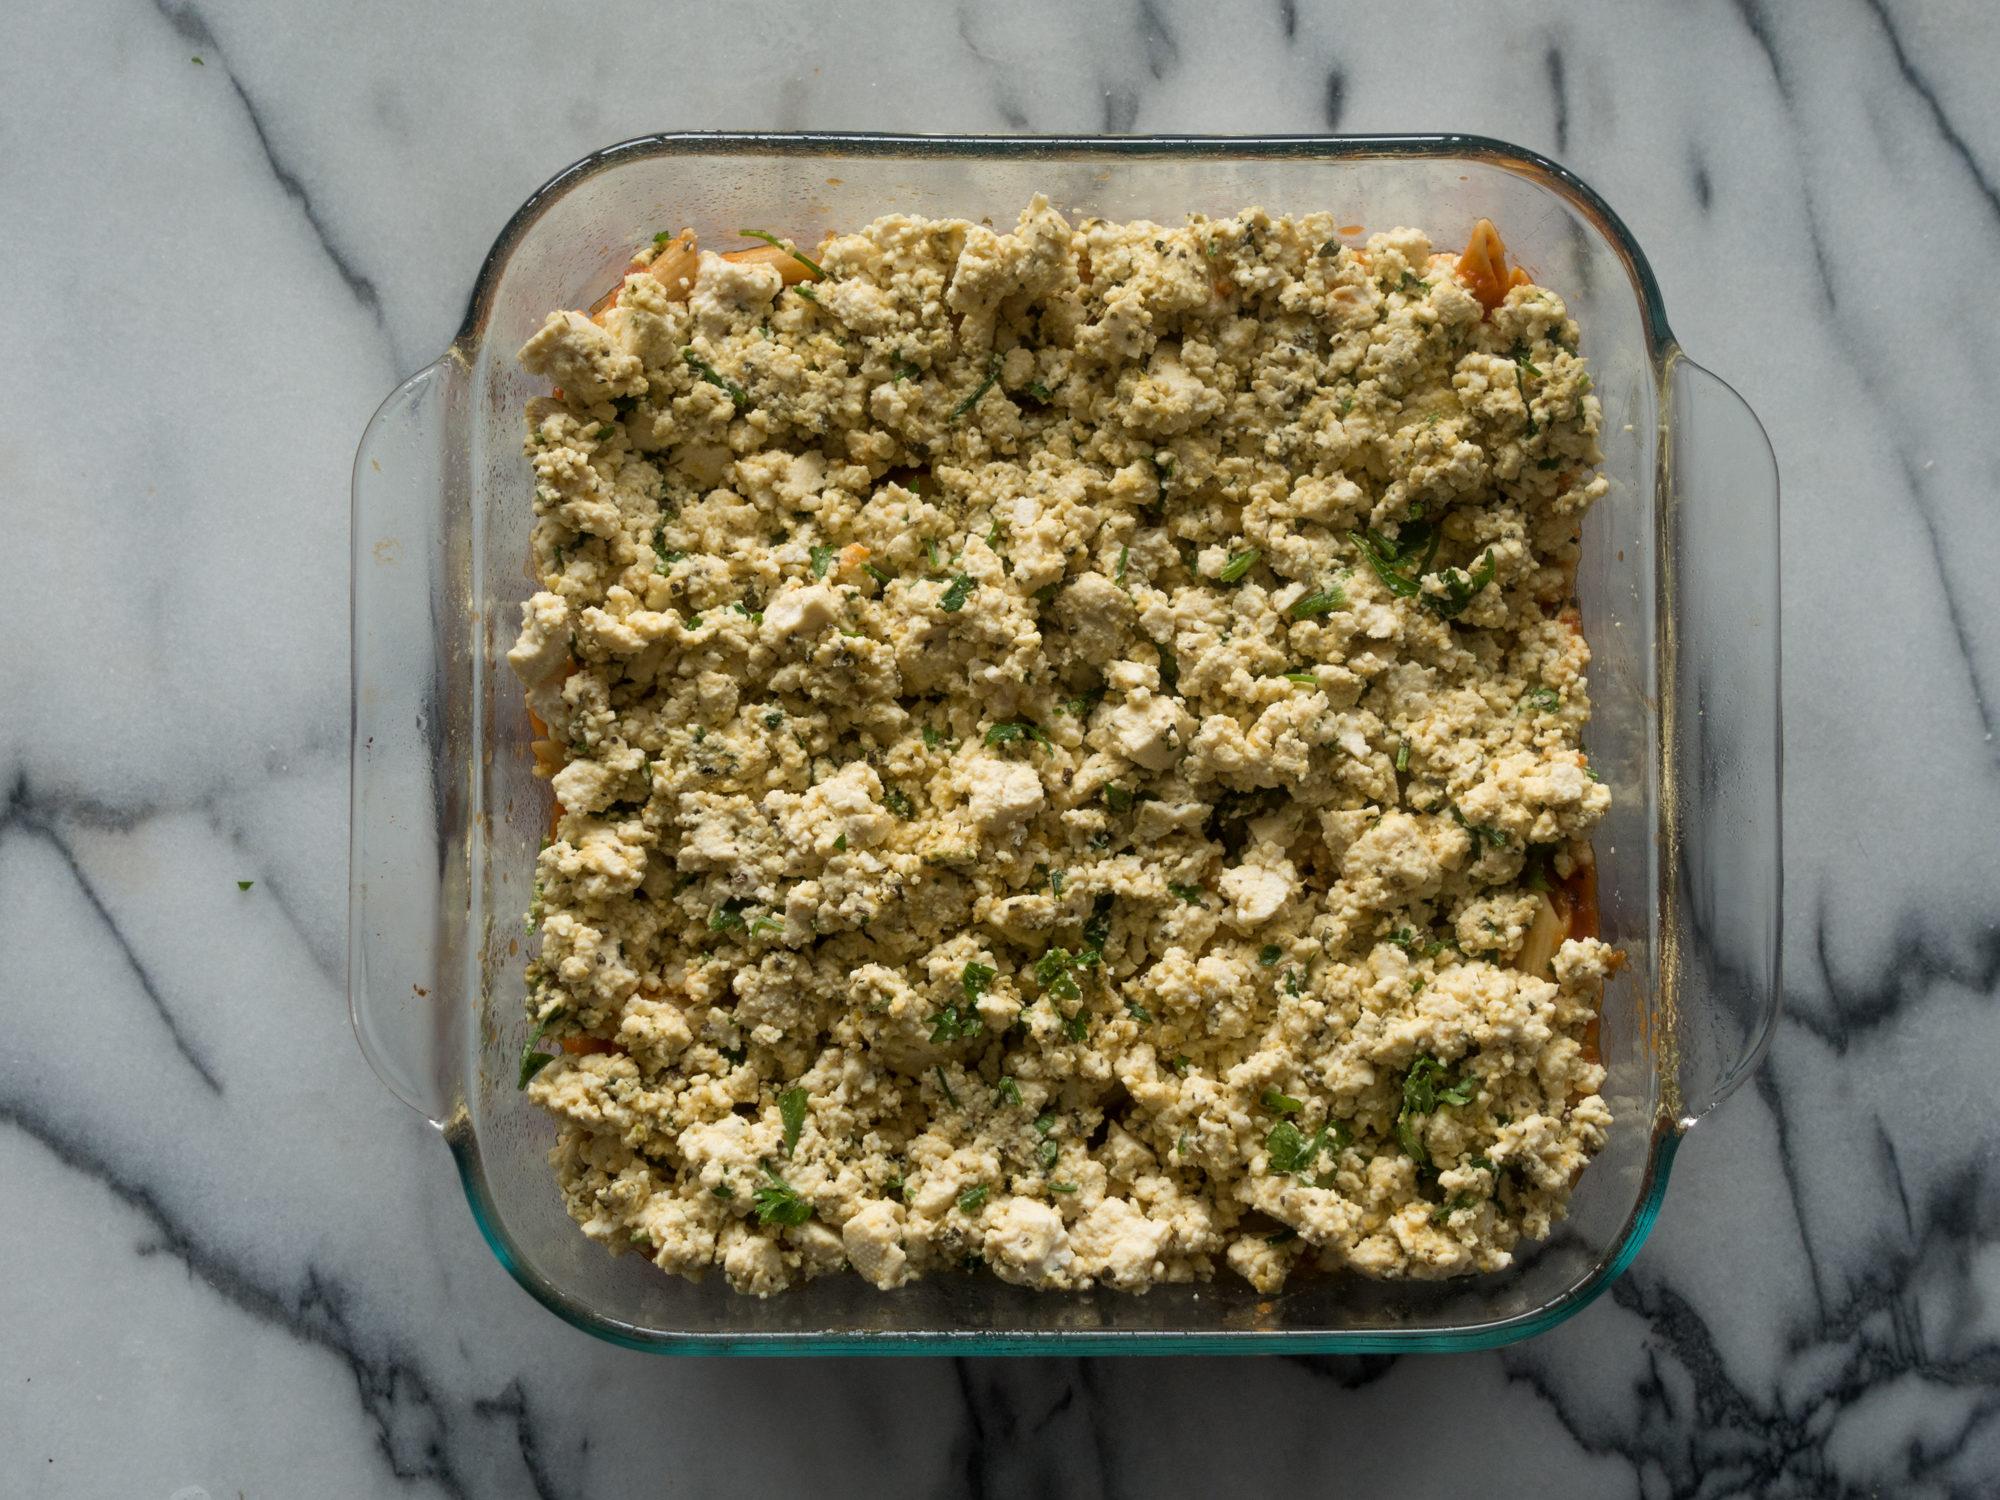 ¡Esta pasta vegana al horno con tofu ricotta es perfecta si está buscando una comida fácil y económica que también sea deliciosa!